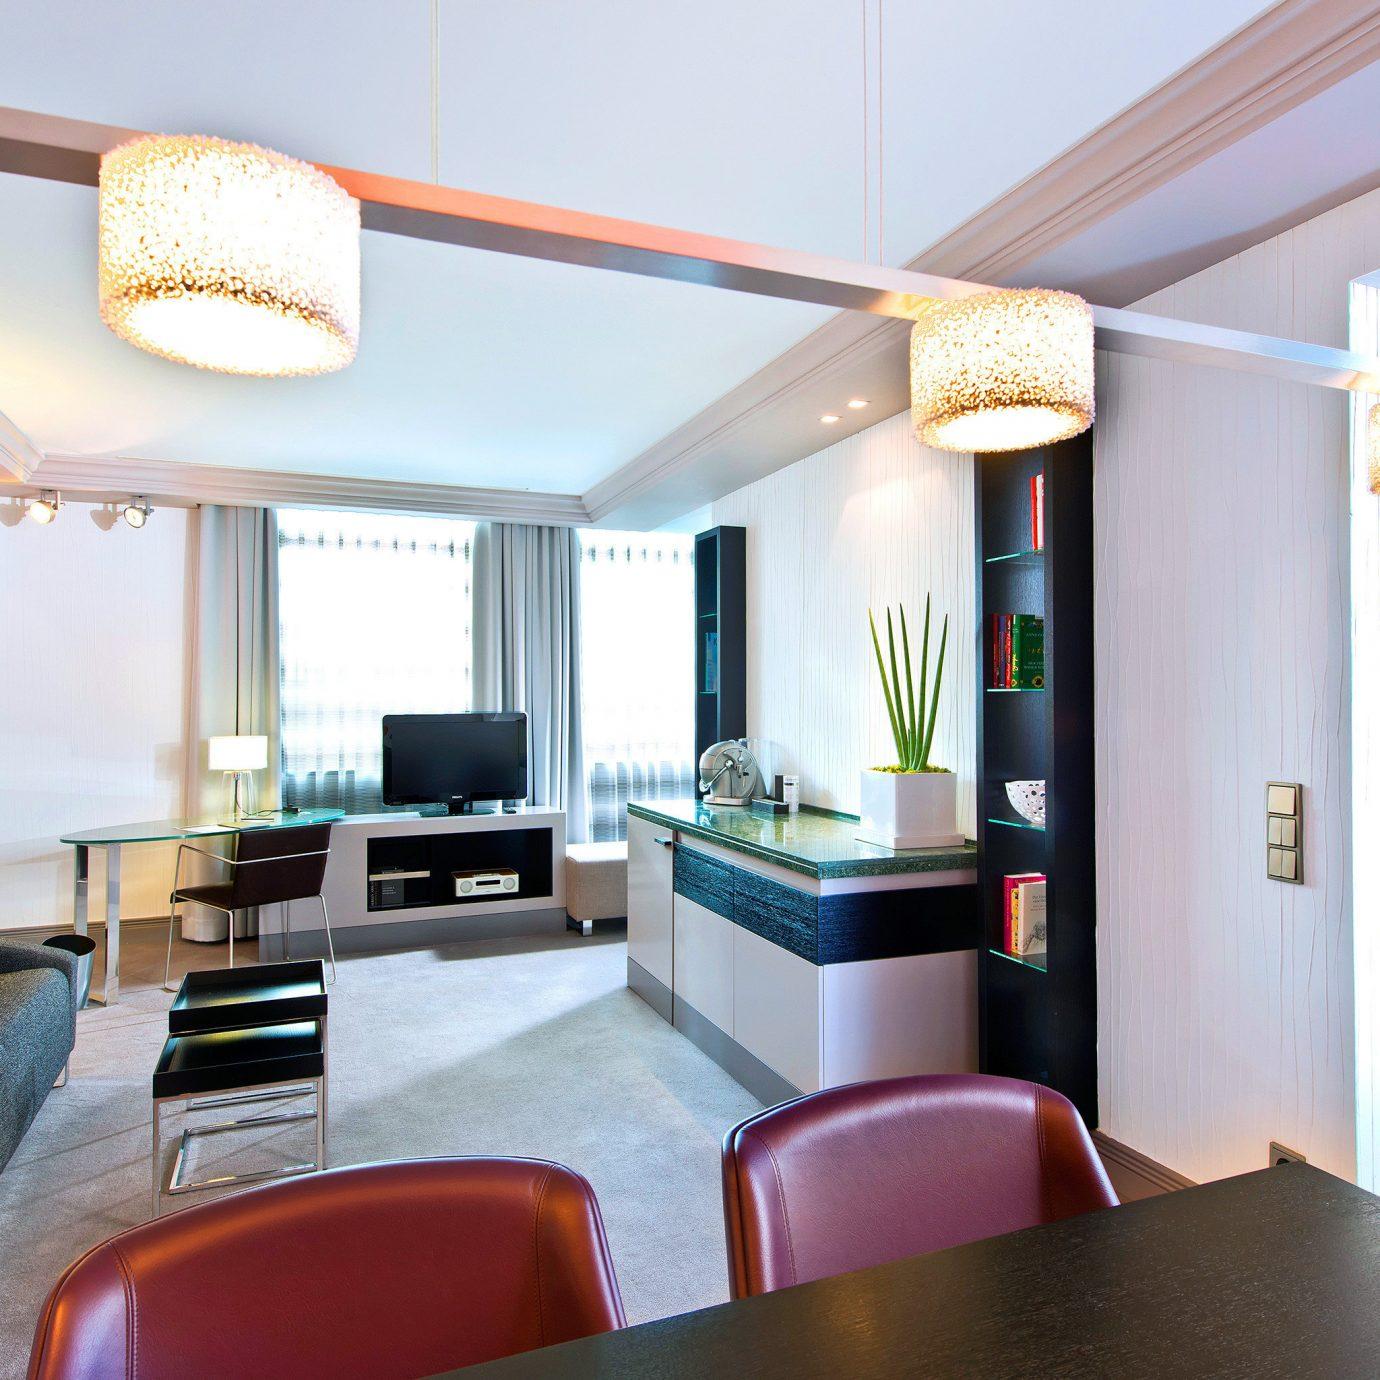 Bedroom Suite property condominium living room home Villa Resort Modern